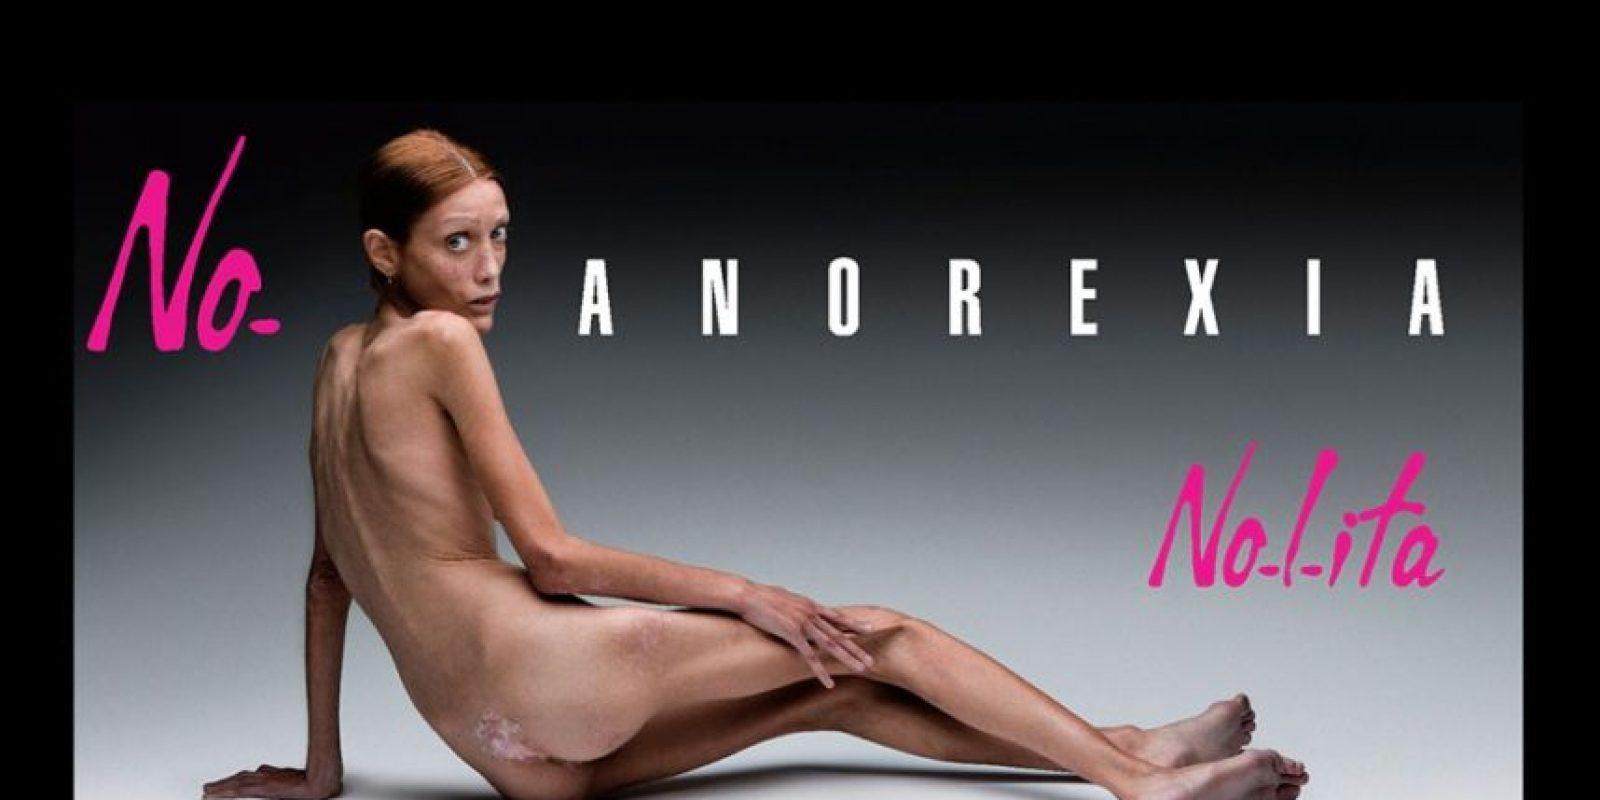 Esta campaña contra la anorexia protagonizada por la malograda Isabelle Caro fue criticada en 2007 Foto:No-Lita